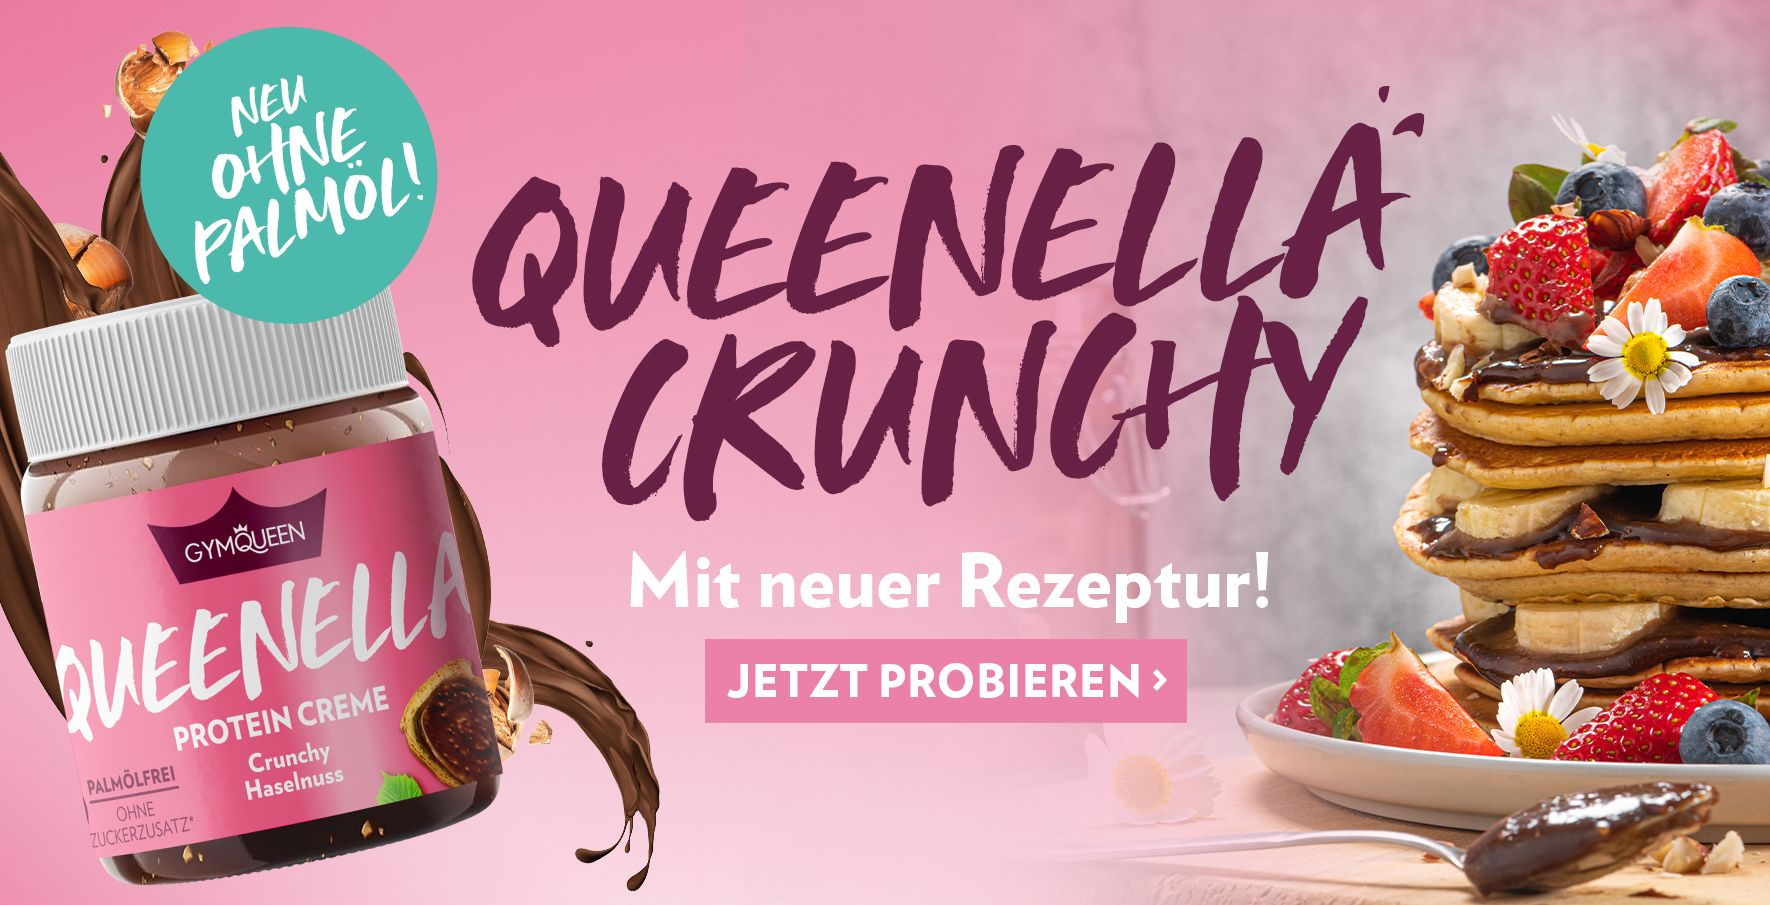 NEU: Sichere dir jetzt die Queenella Crunchy OHNE PALMÖL!